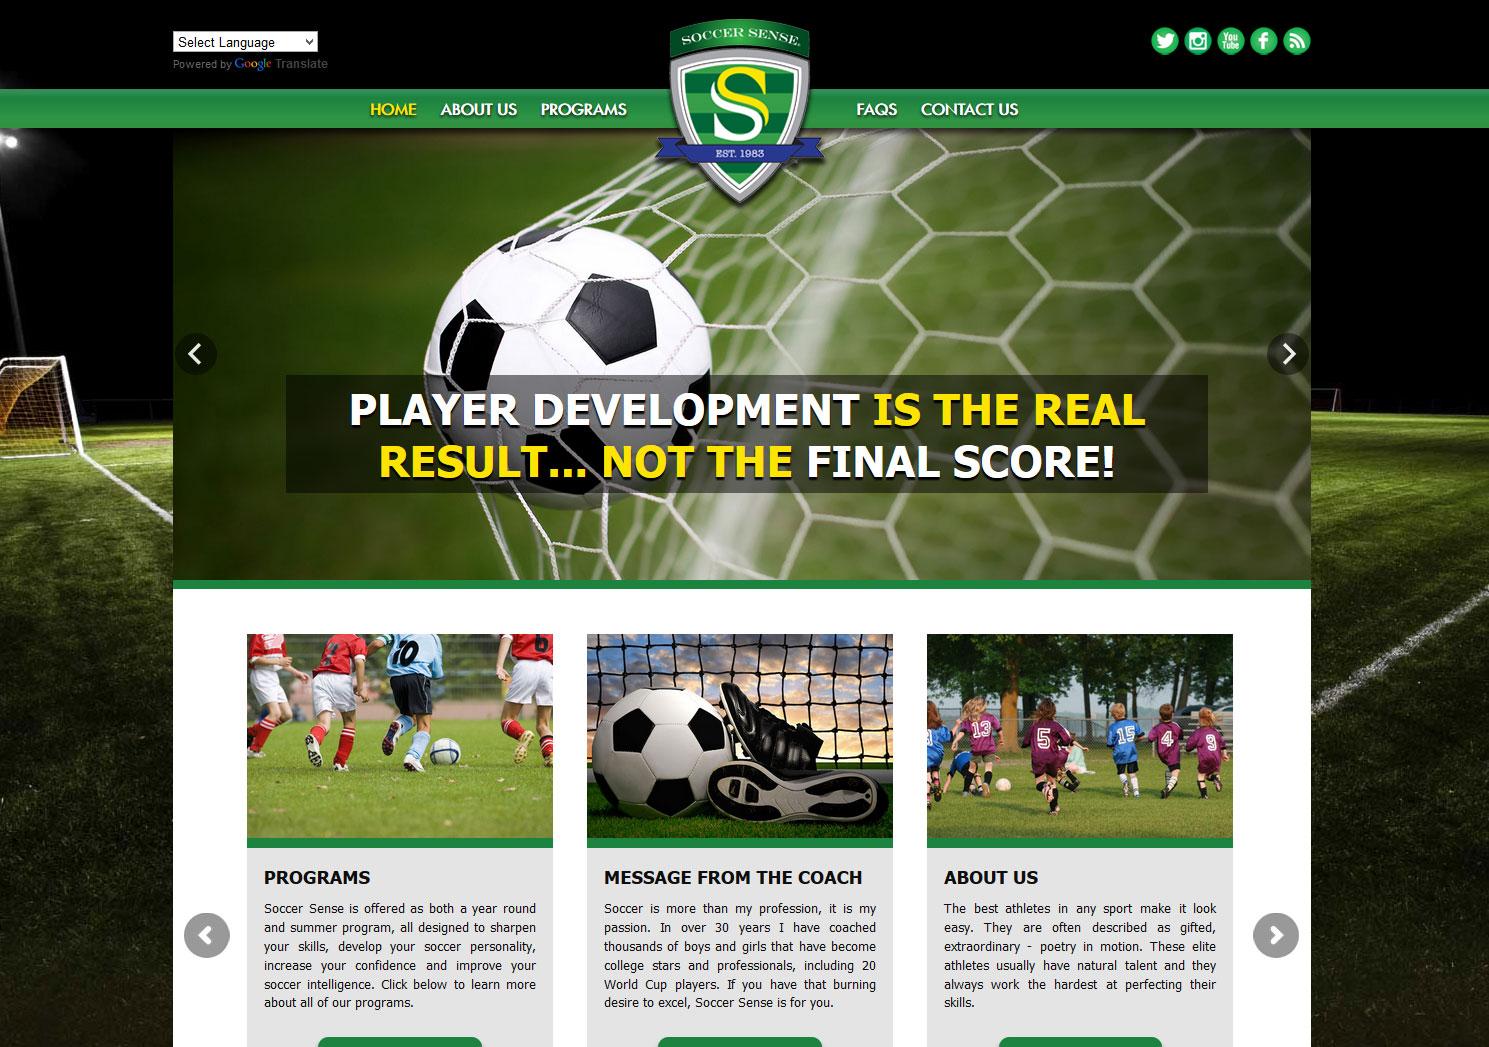 Soccer Sense